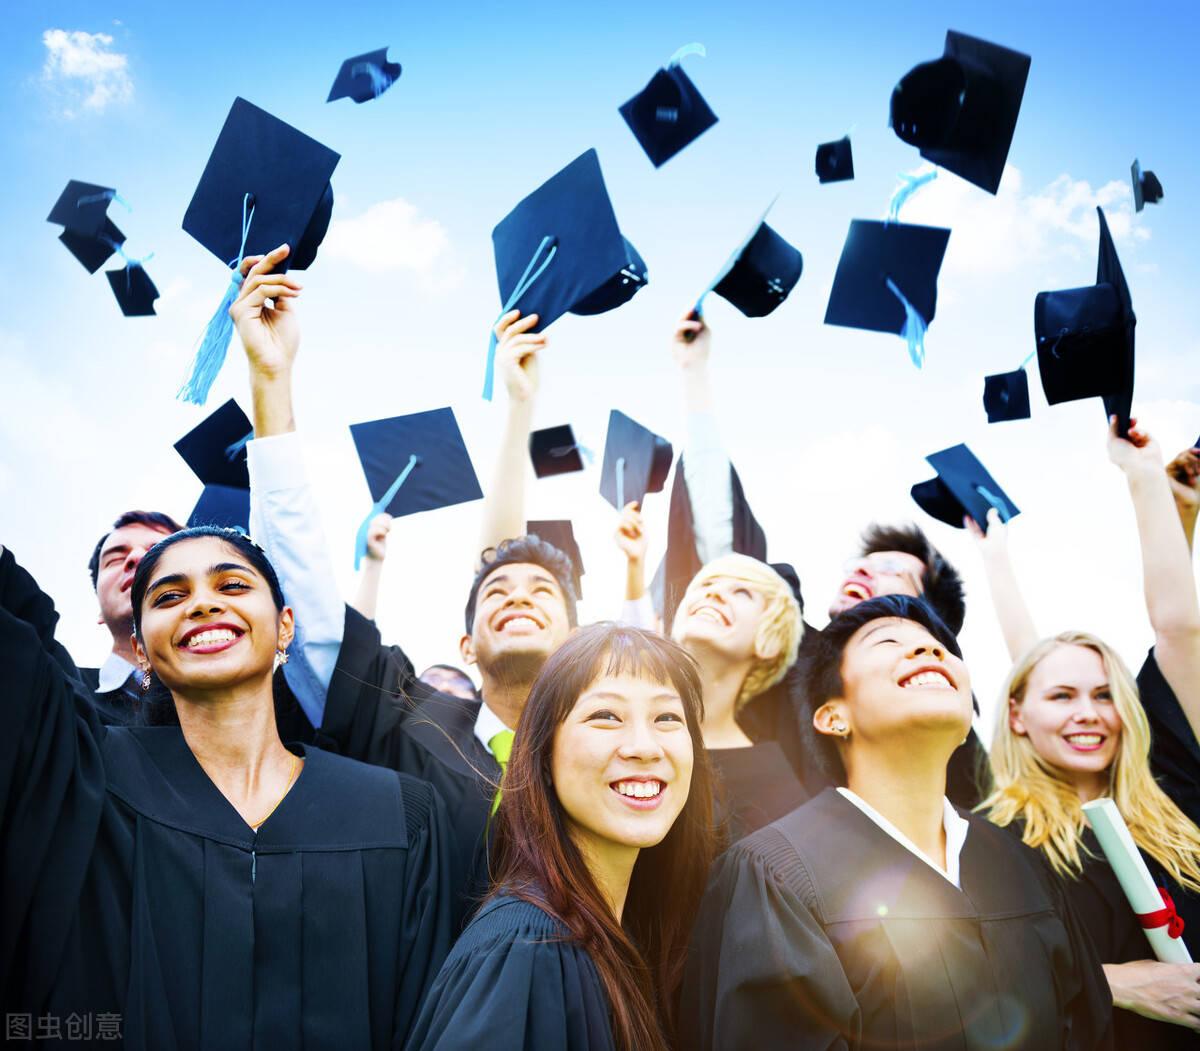 加拿大境外上网课的同学,能在毕业后取得加拿大毕业工签吗?